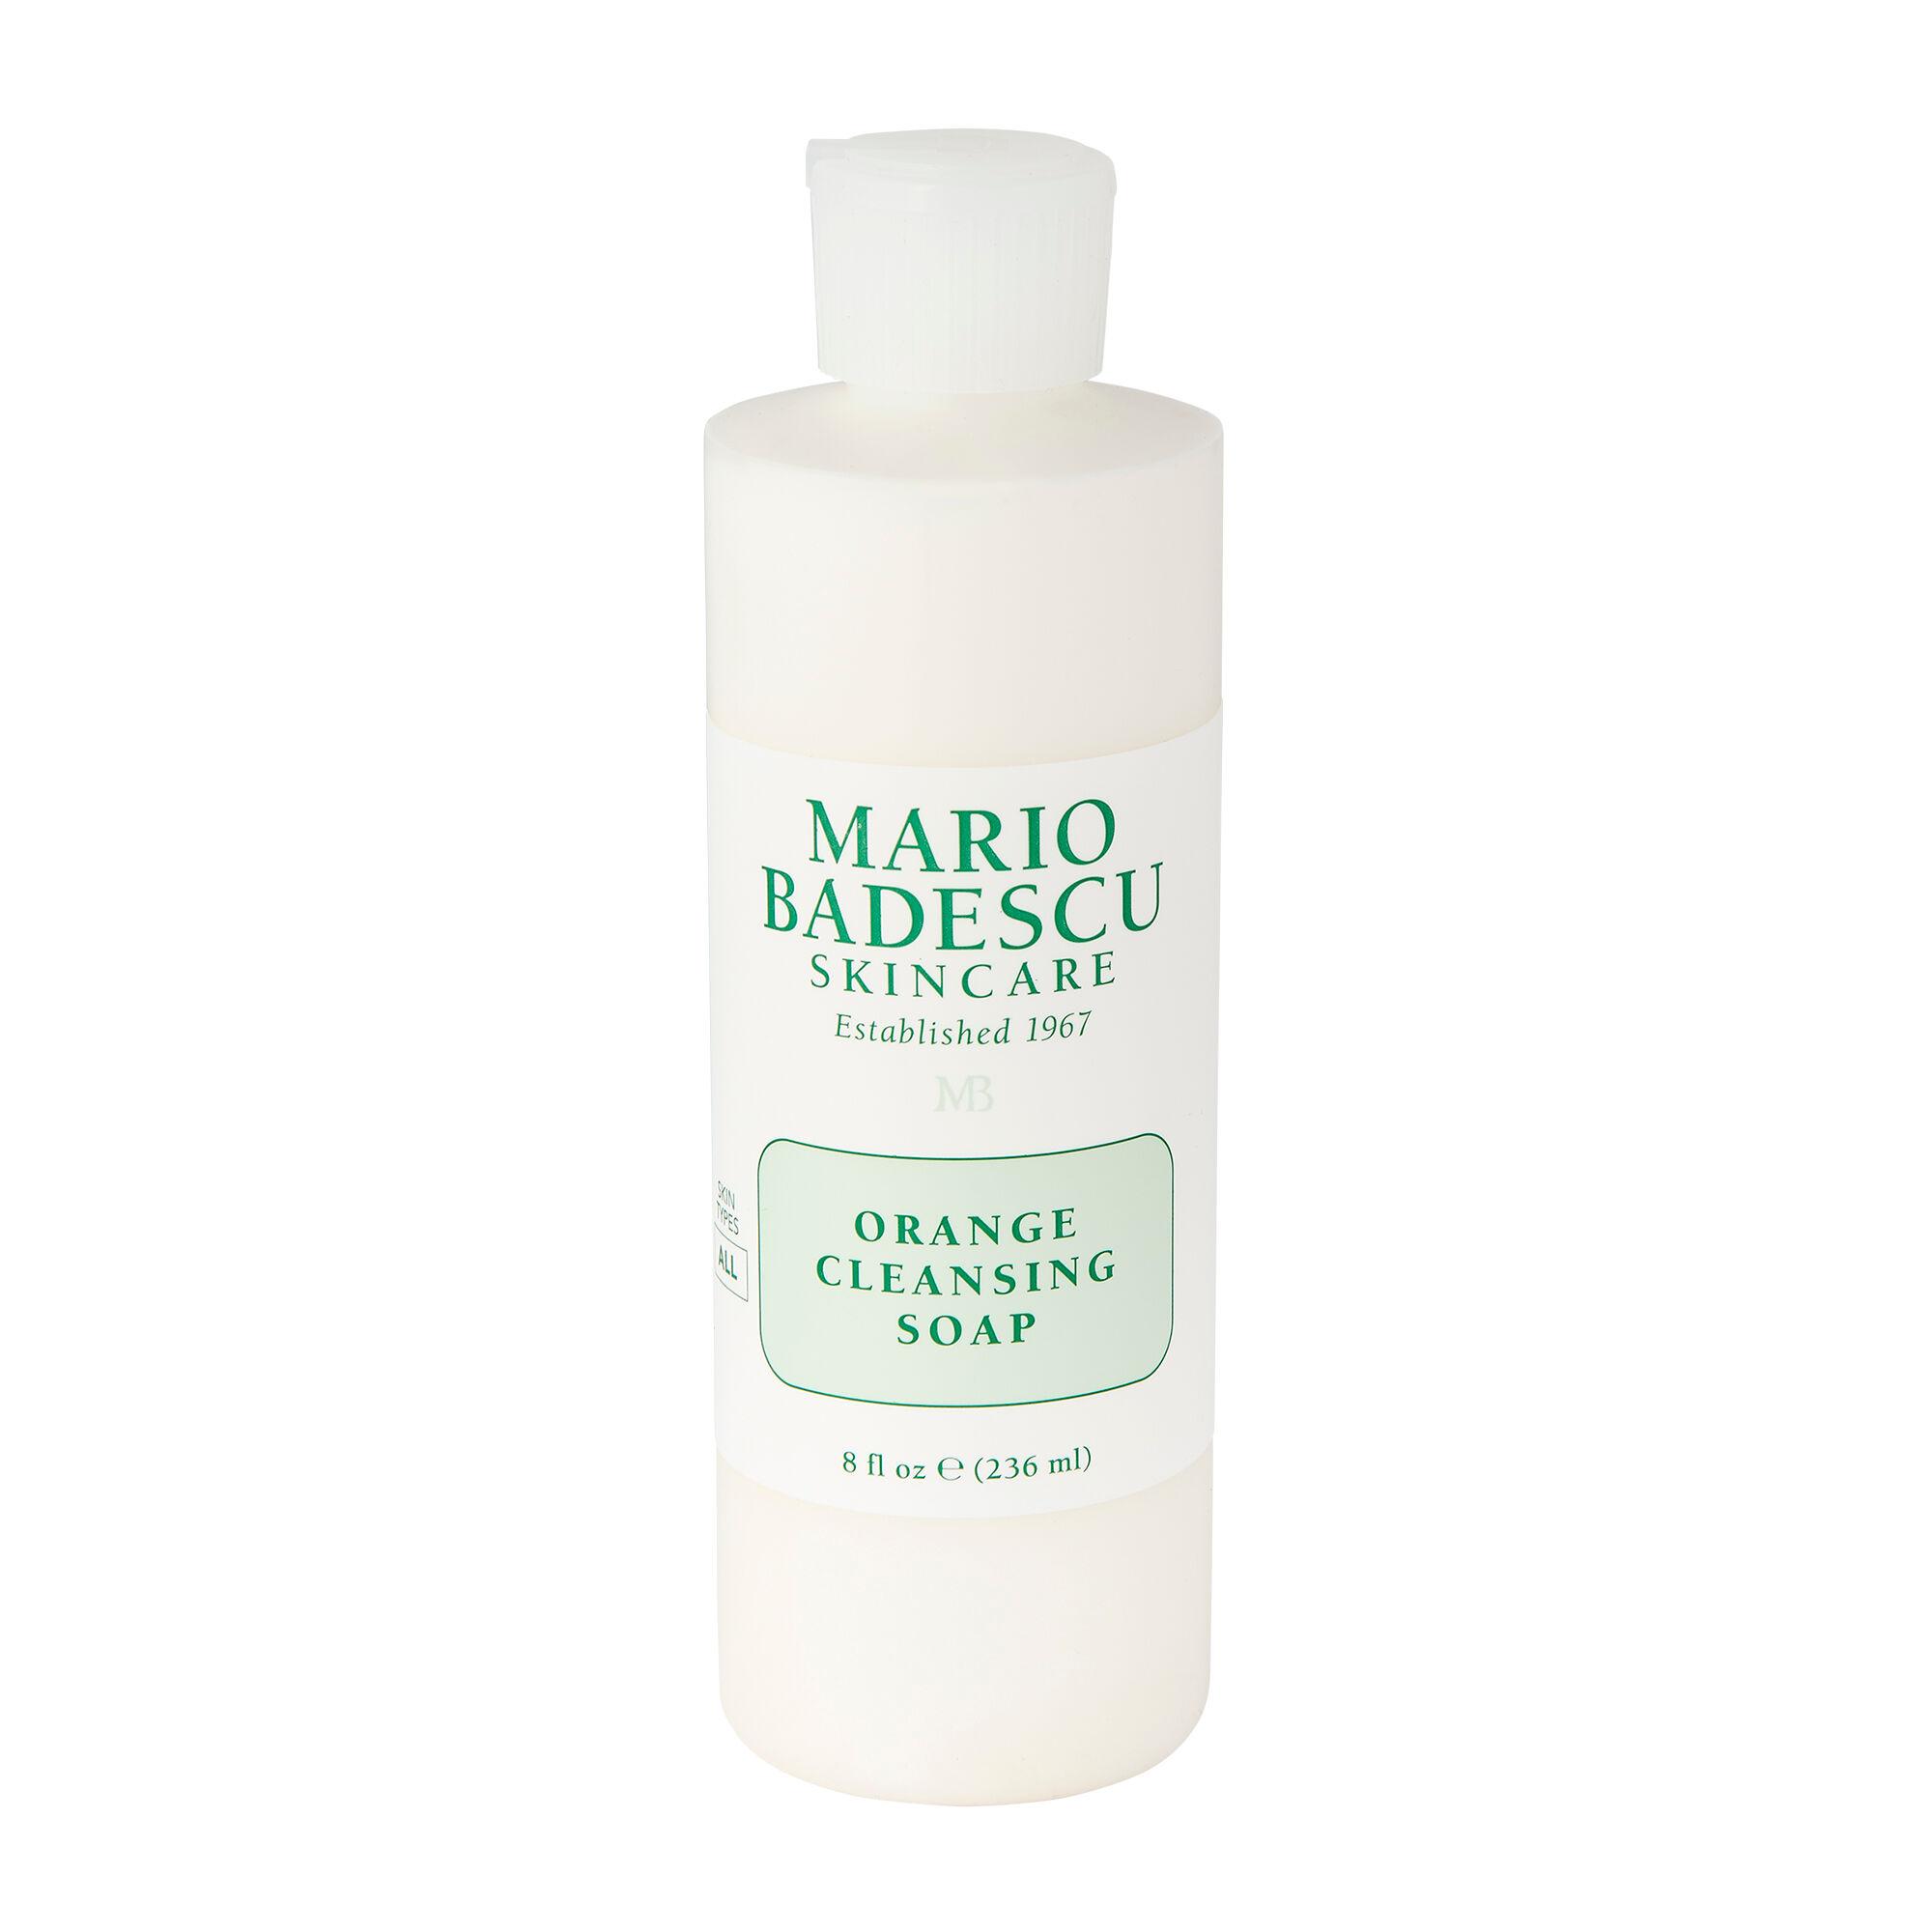 Mario Badescu Orange Cleansing Soap 236ml